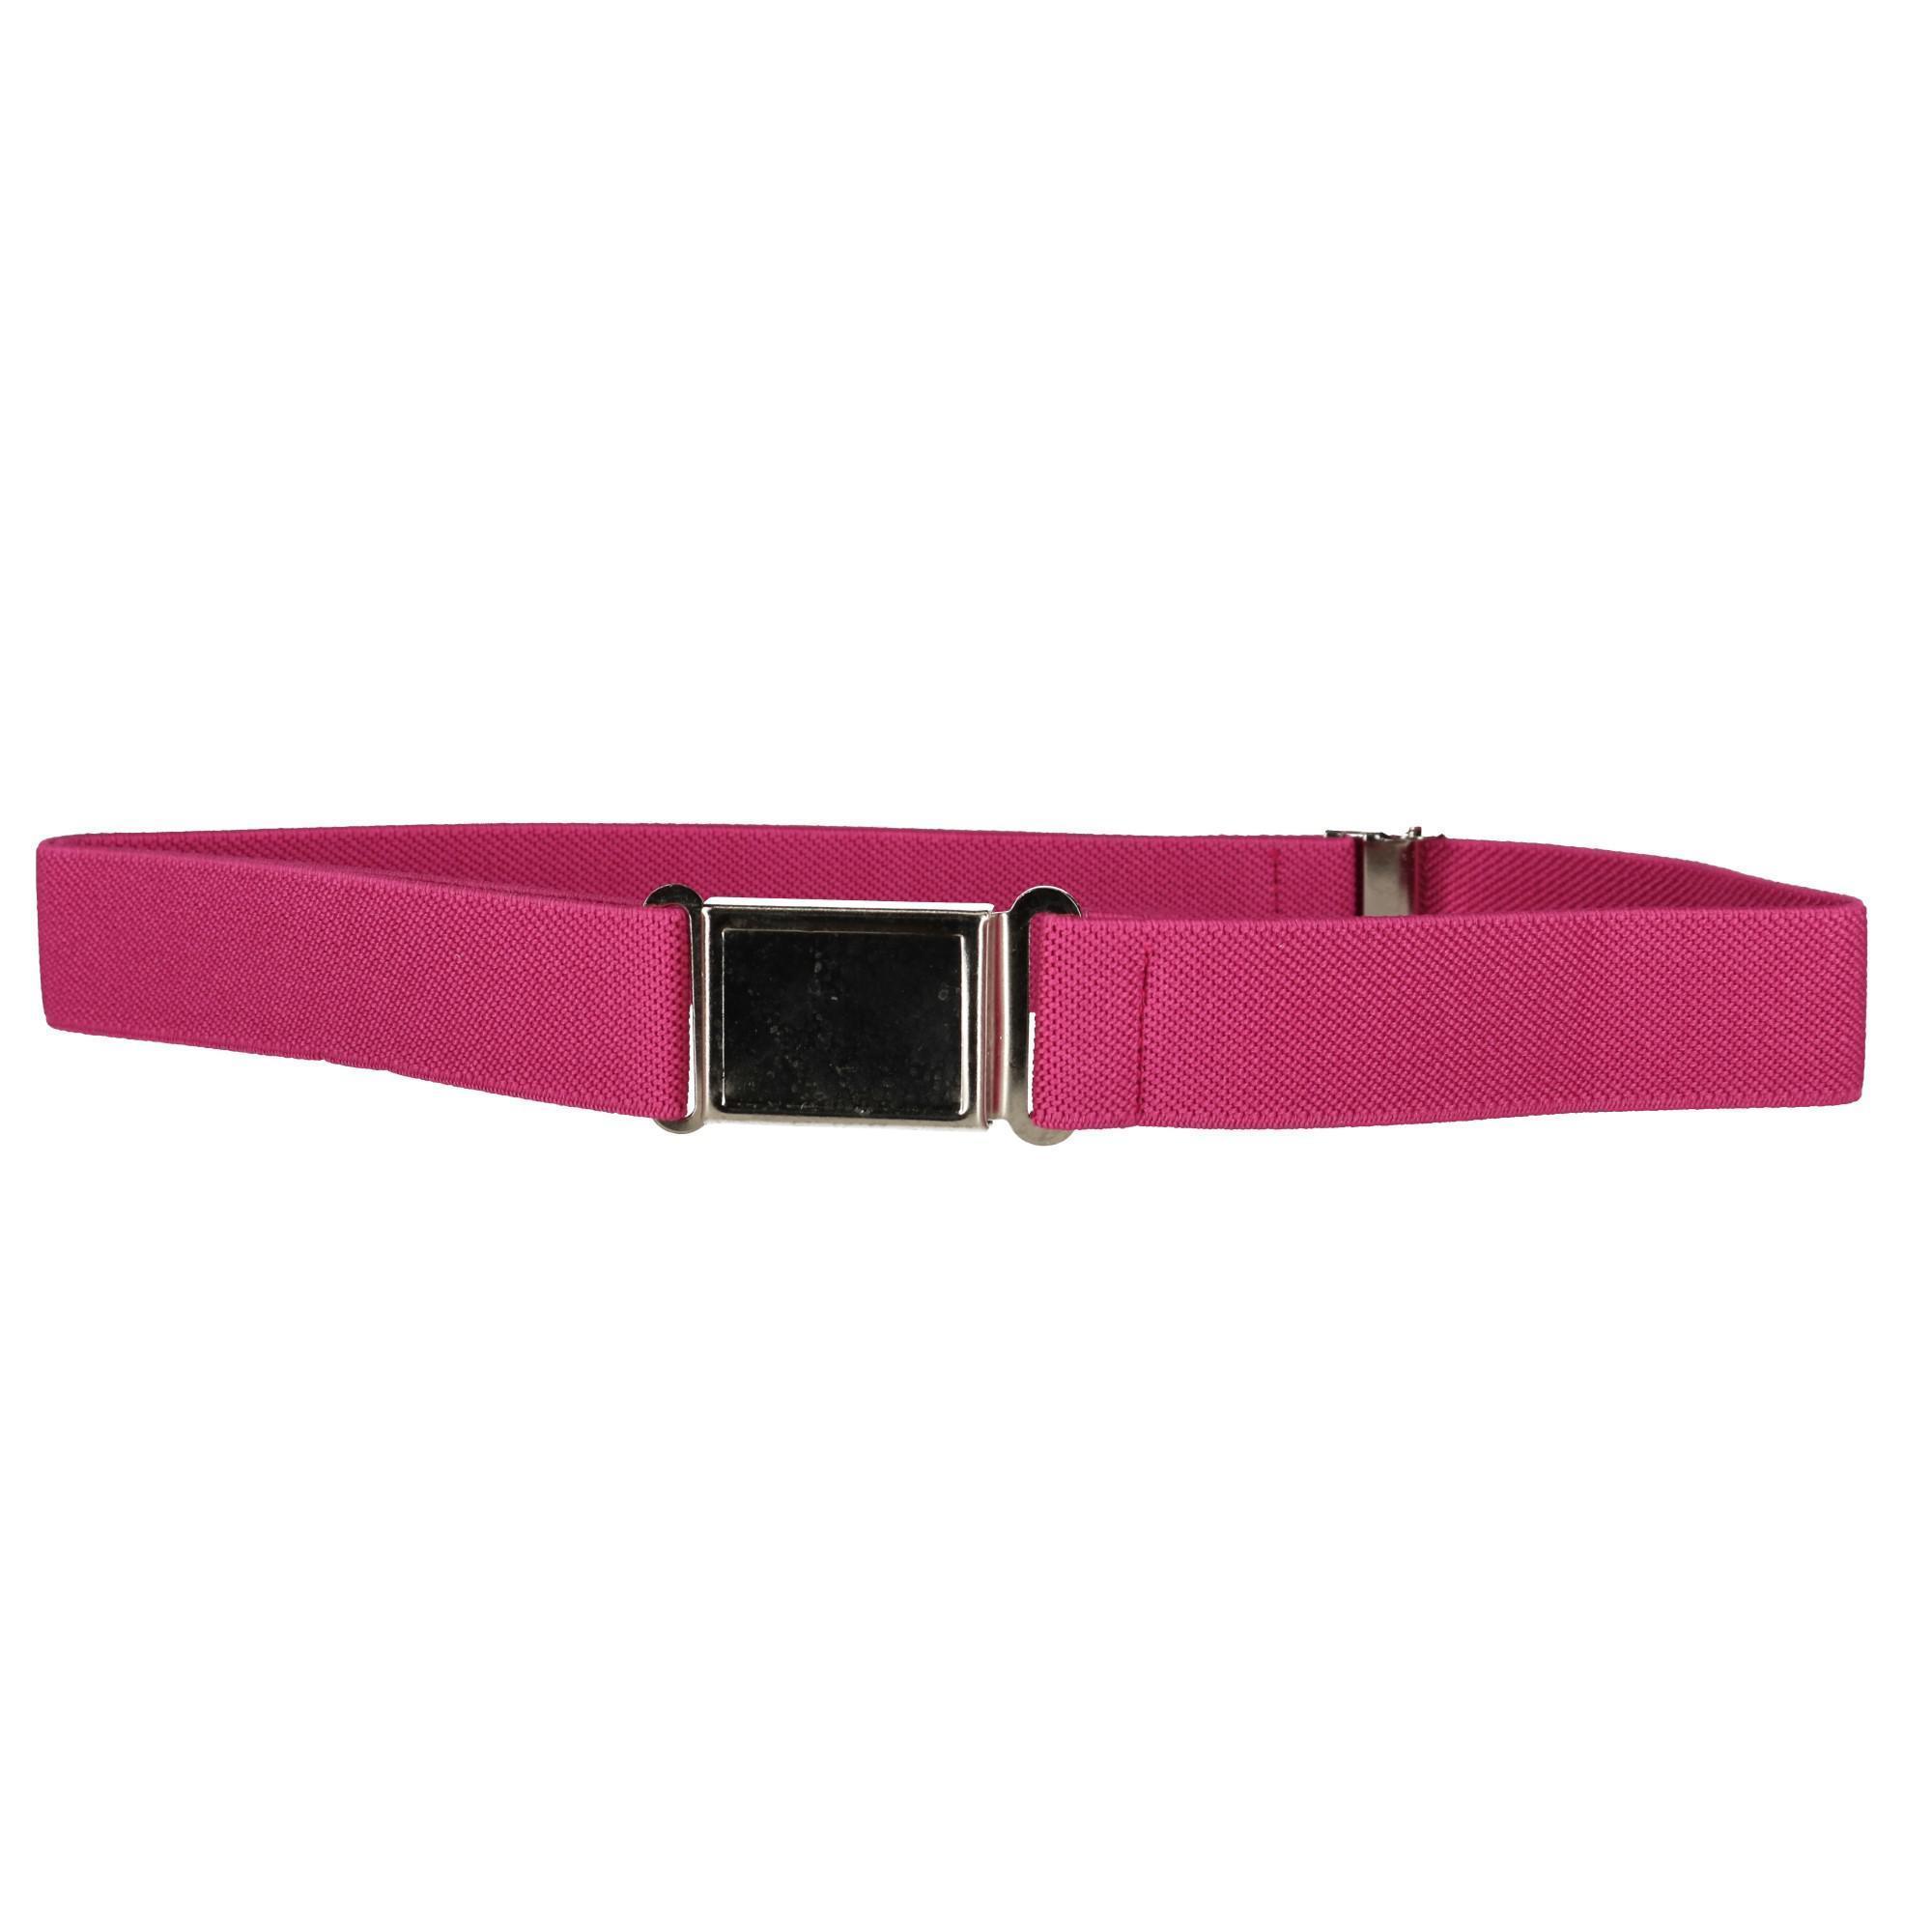 CTM Kids' Elastic 1 Inch Adjustable Belt